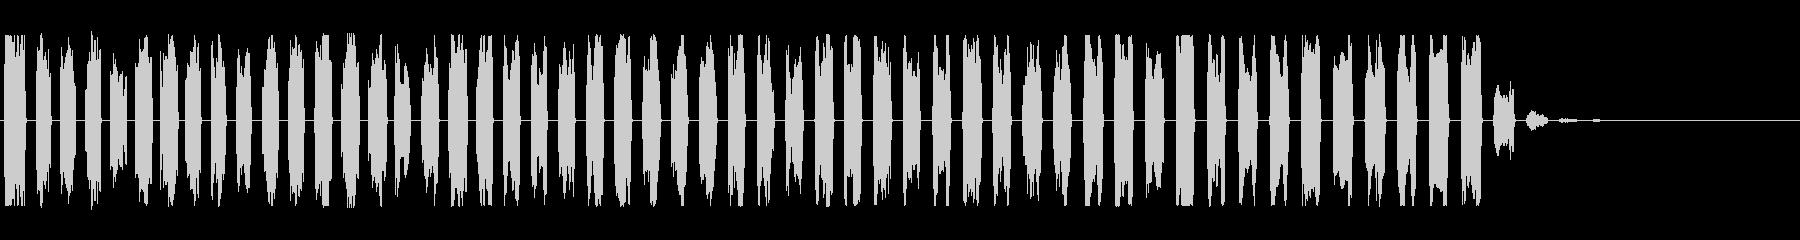 落下・低下をイメージした効果音の未再生の波形